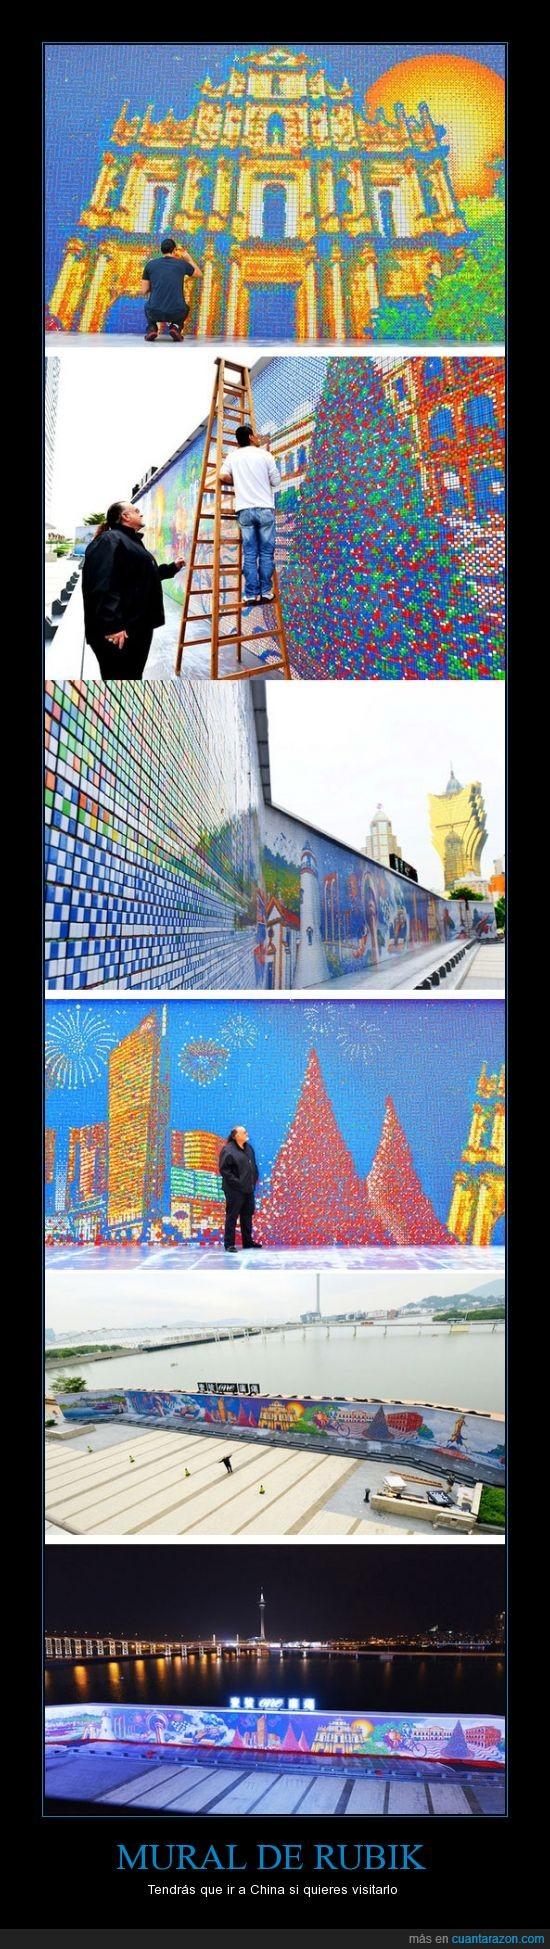 china,dibujo,macau,mural,pared,rubik